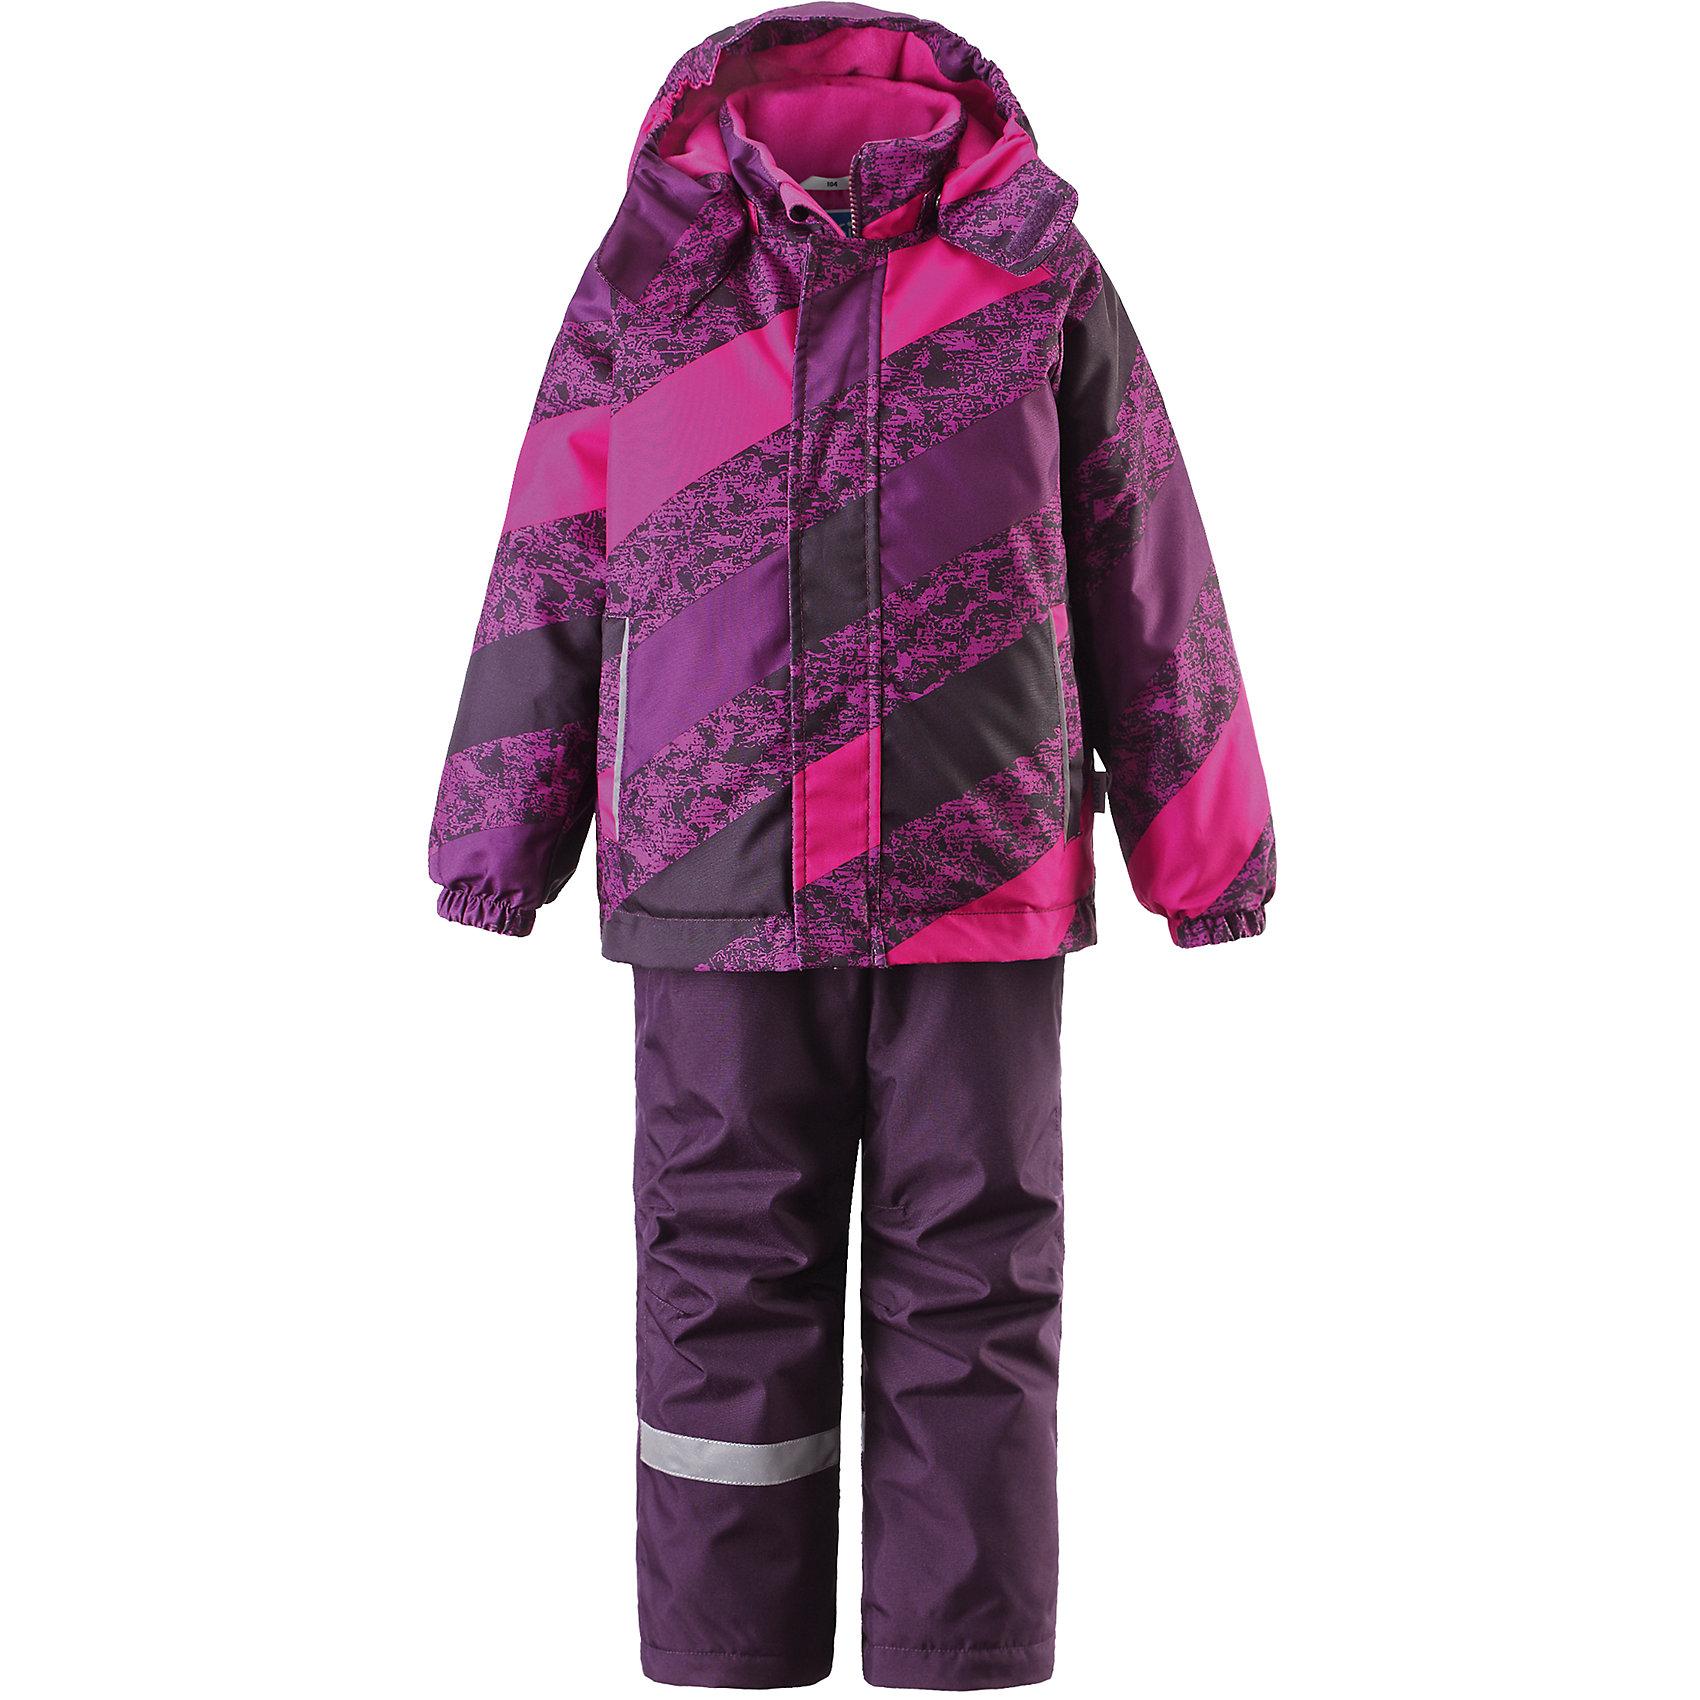 Комплект для девочки LASSIE by ReimaЗимний комплект для детей известной финской марки.<br><br>- Сверхпрочный материал. Водоотталкивающий, ветронепроницаемый, «дышащий» и грязеотталкивающий материал.<br>- Задний серединный шов брюк проклеен. <br>- Гладкая подкладка из полиэстра.<br>-  Средняя степень утепления.<br>-  Безопасный, съемный капюшон.<br>-  Эластичные манжеты. Эластичная талия. <br>- Снегозащитные манжеты на штанинах. <br>- Ширинка на молнии. Два прорезных кармана.<br>-  Регулируемые и отстегивающиеся эластичные подтяжки. <br>- Принт по всей поверхности.  <br><br>Рекомендации по уходу: Стирать по отдельности, вывернув наизнанку. Застегнуть молнии и липучки. Соблюдать температуру в соответствии с руководством по уходу. Стирать моющим средством, не содержащим отбеливающие вещества. Полоскать без специального средства. Сушение в сушильном шкафу разрешено при  низкой температуре.<br><br>Состав: 100% Полиамид, полиуретановое покрытие.  Утеплитель «Lassie wadding» 100гр.(брюки); 180гр.(куртка).<br><br>Ширина мм: 190<br>Глубина мм: 74<br>Высота мм: 229<br>Вес г: 236<br>Цвет: розовый<br>Возраст от месяцев: 18<br>Возраст до месяцев: 24<br>Пол: Женский<br>Возраст: Детский<br>Размер: 92,140,134,128,122,116,110,104,98<br>SKU: 4782148